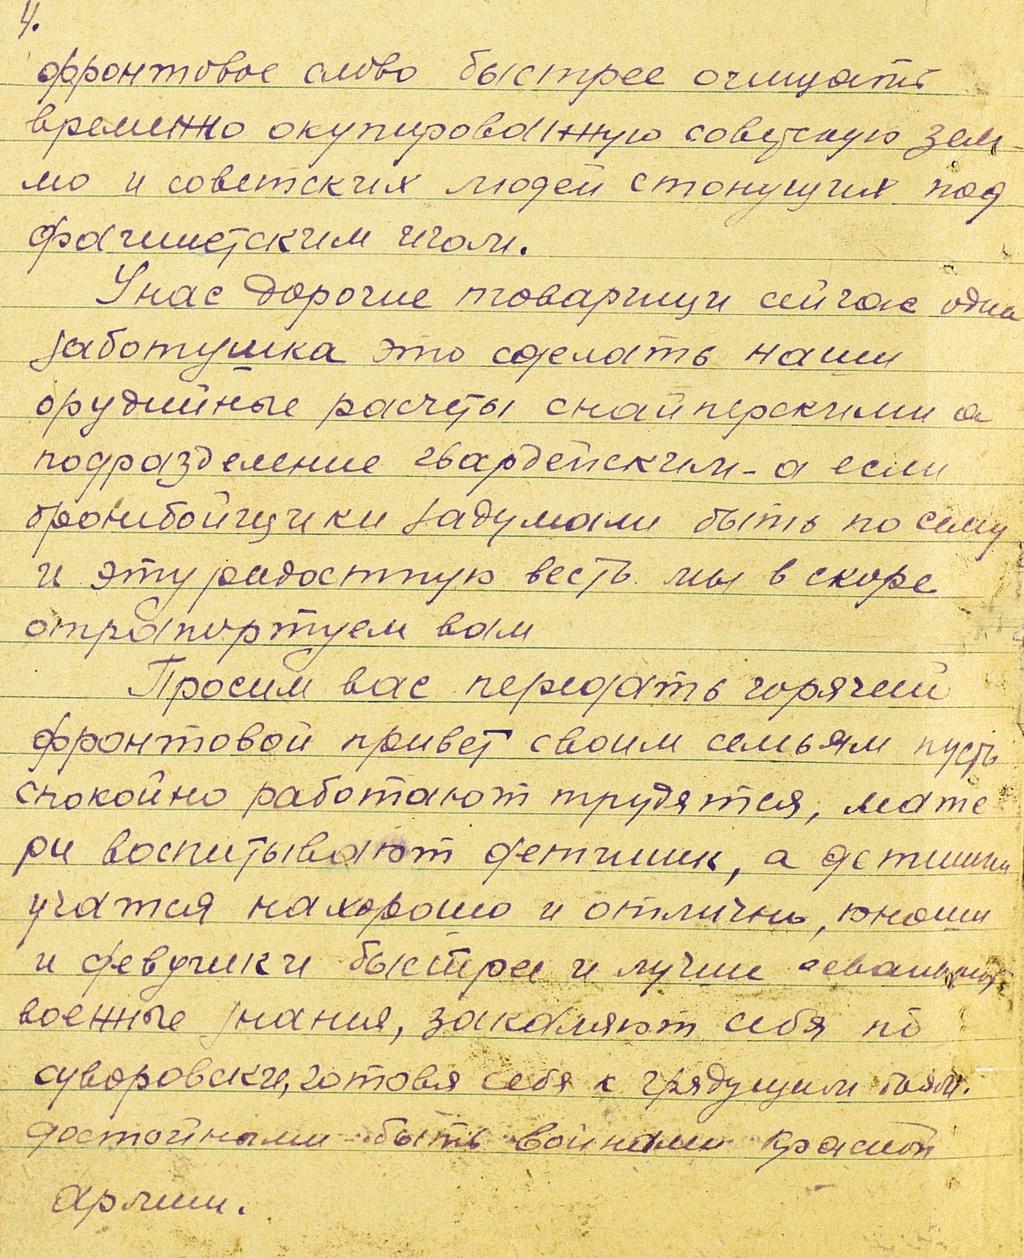 Фото №91687. Письмо бойцов–бронебойщиков рабочим г.Казани с благодарностью за полученные подарки. 3 декабря 1942 года